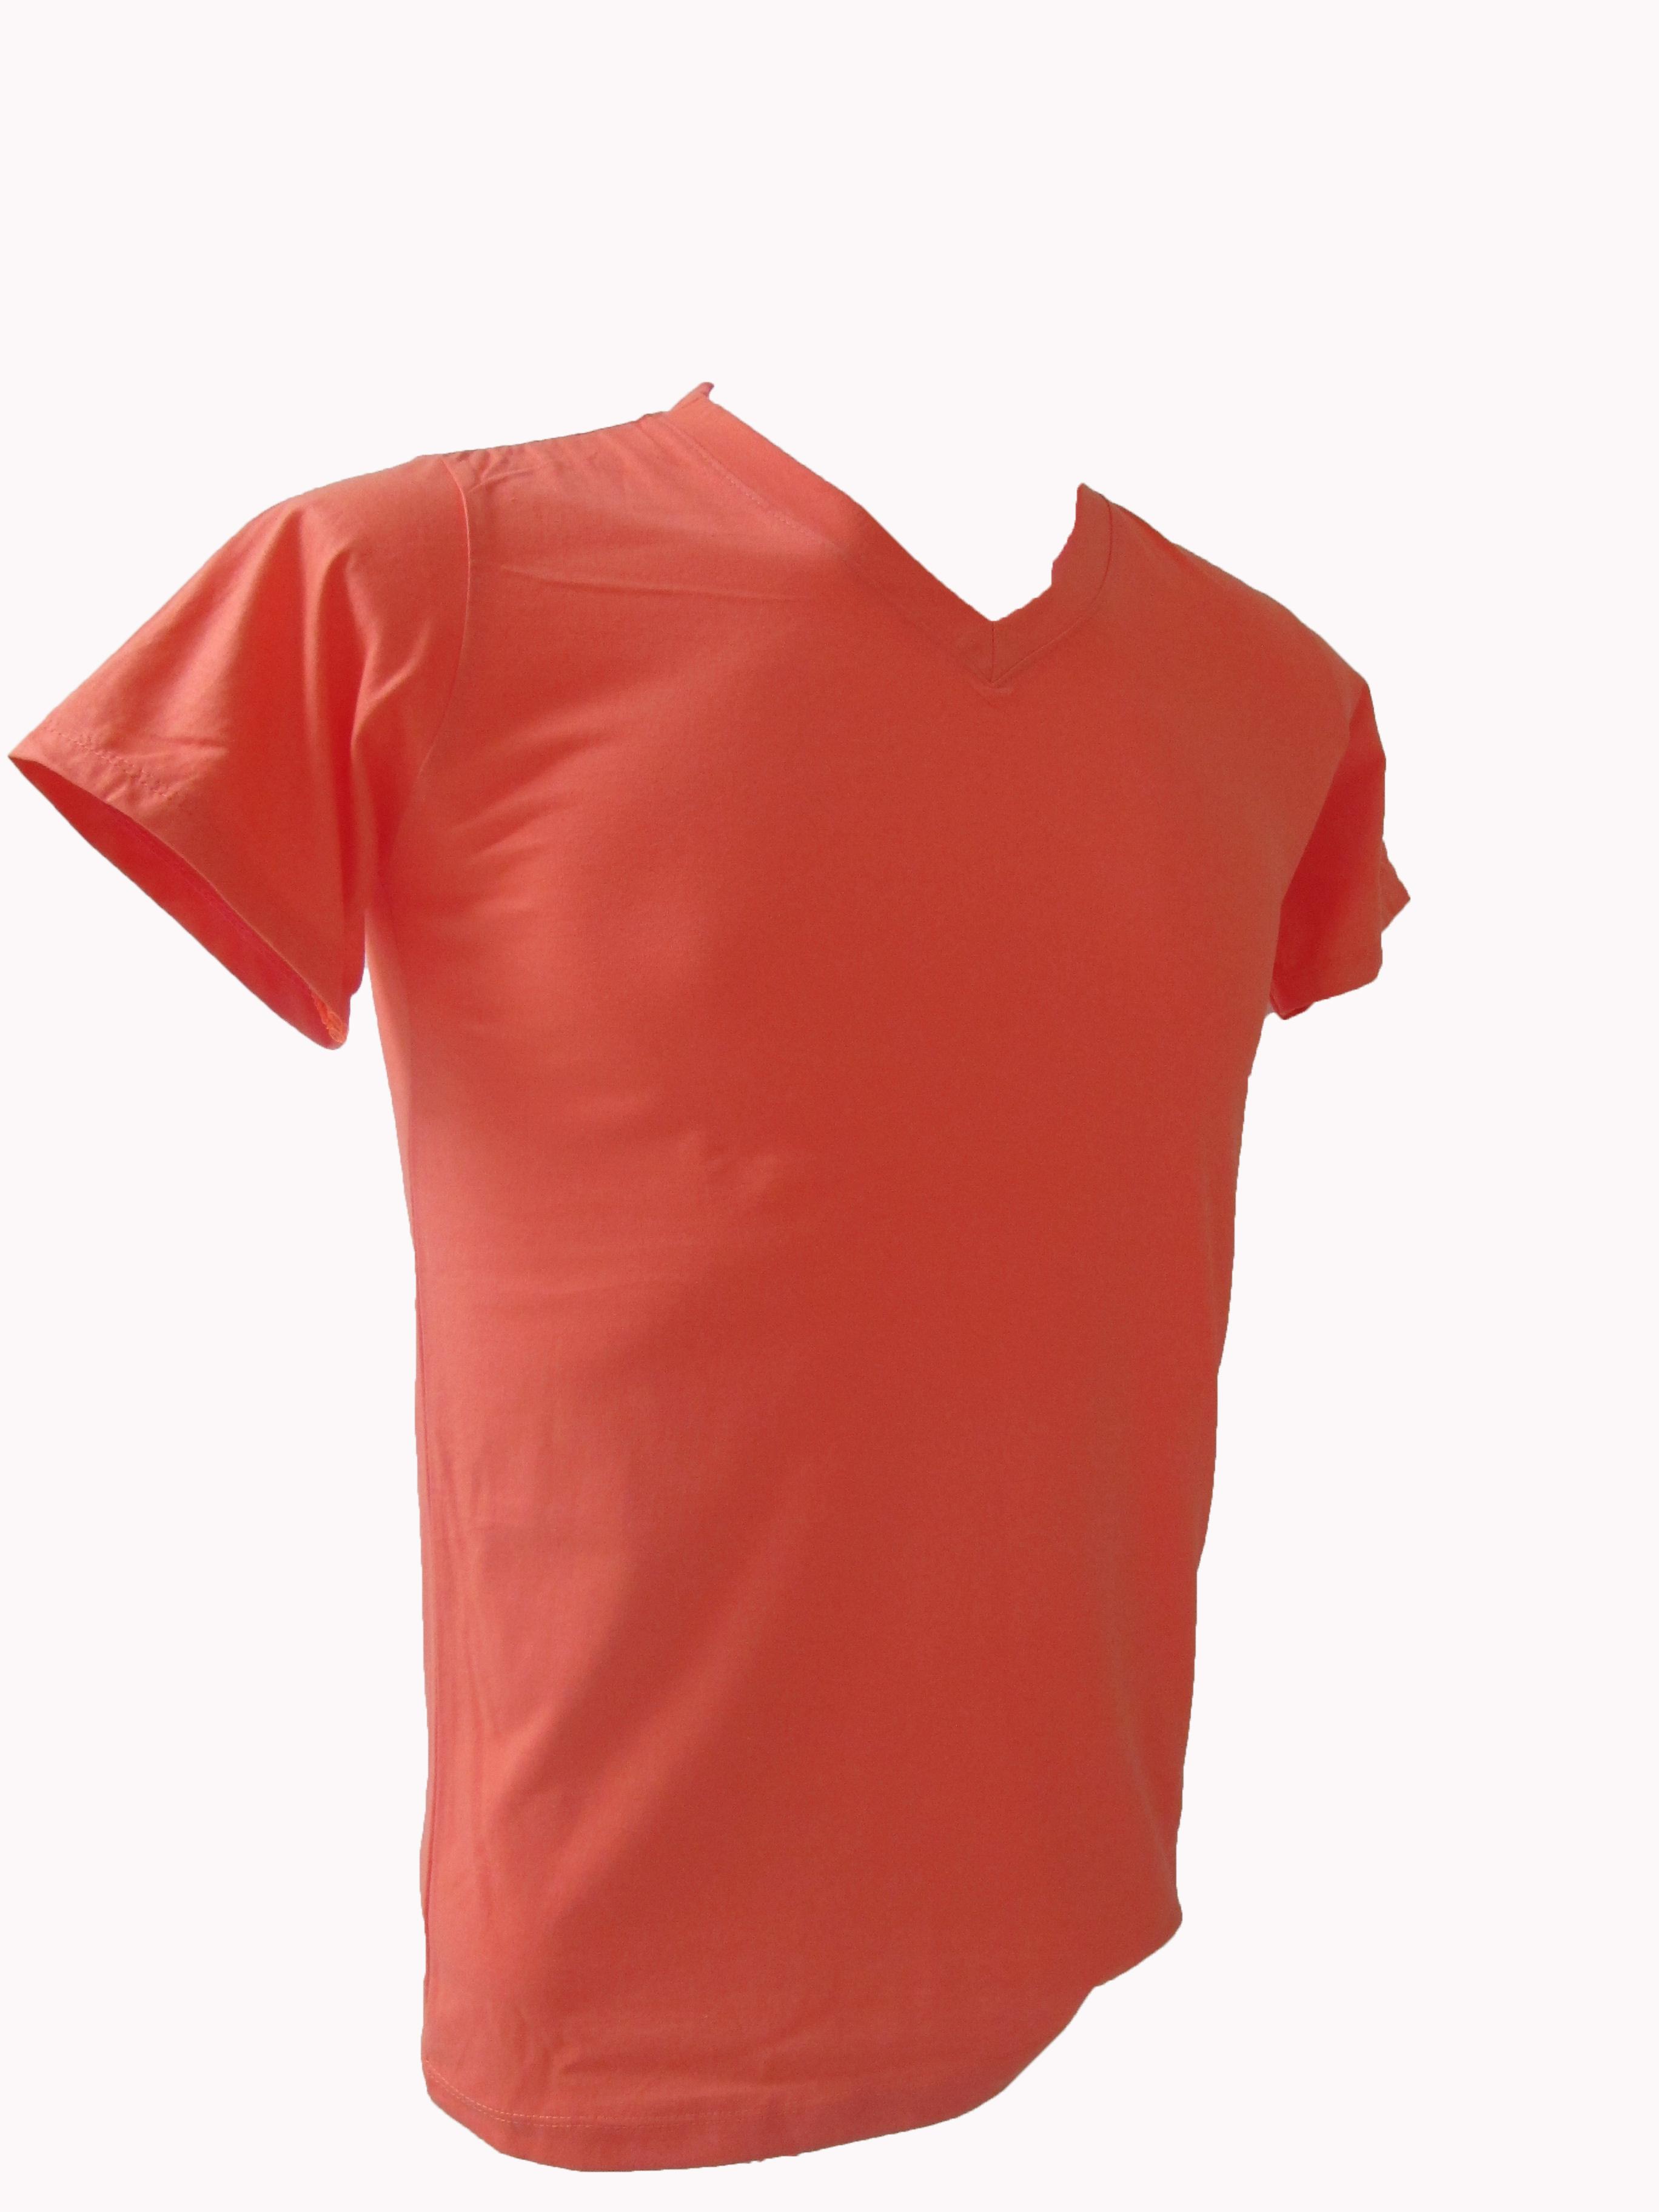 COTTON100% เบอร์32 เสื้อยืดแขนสั้น คอวี สีโอรส